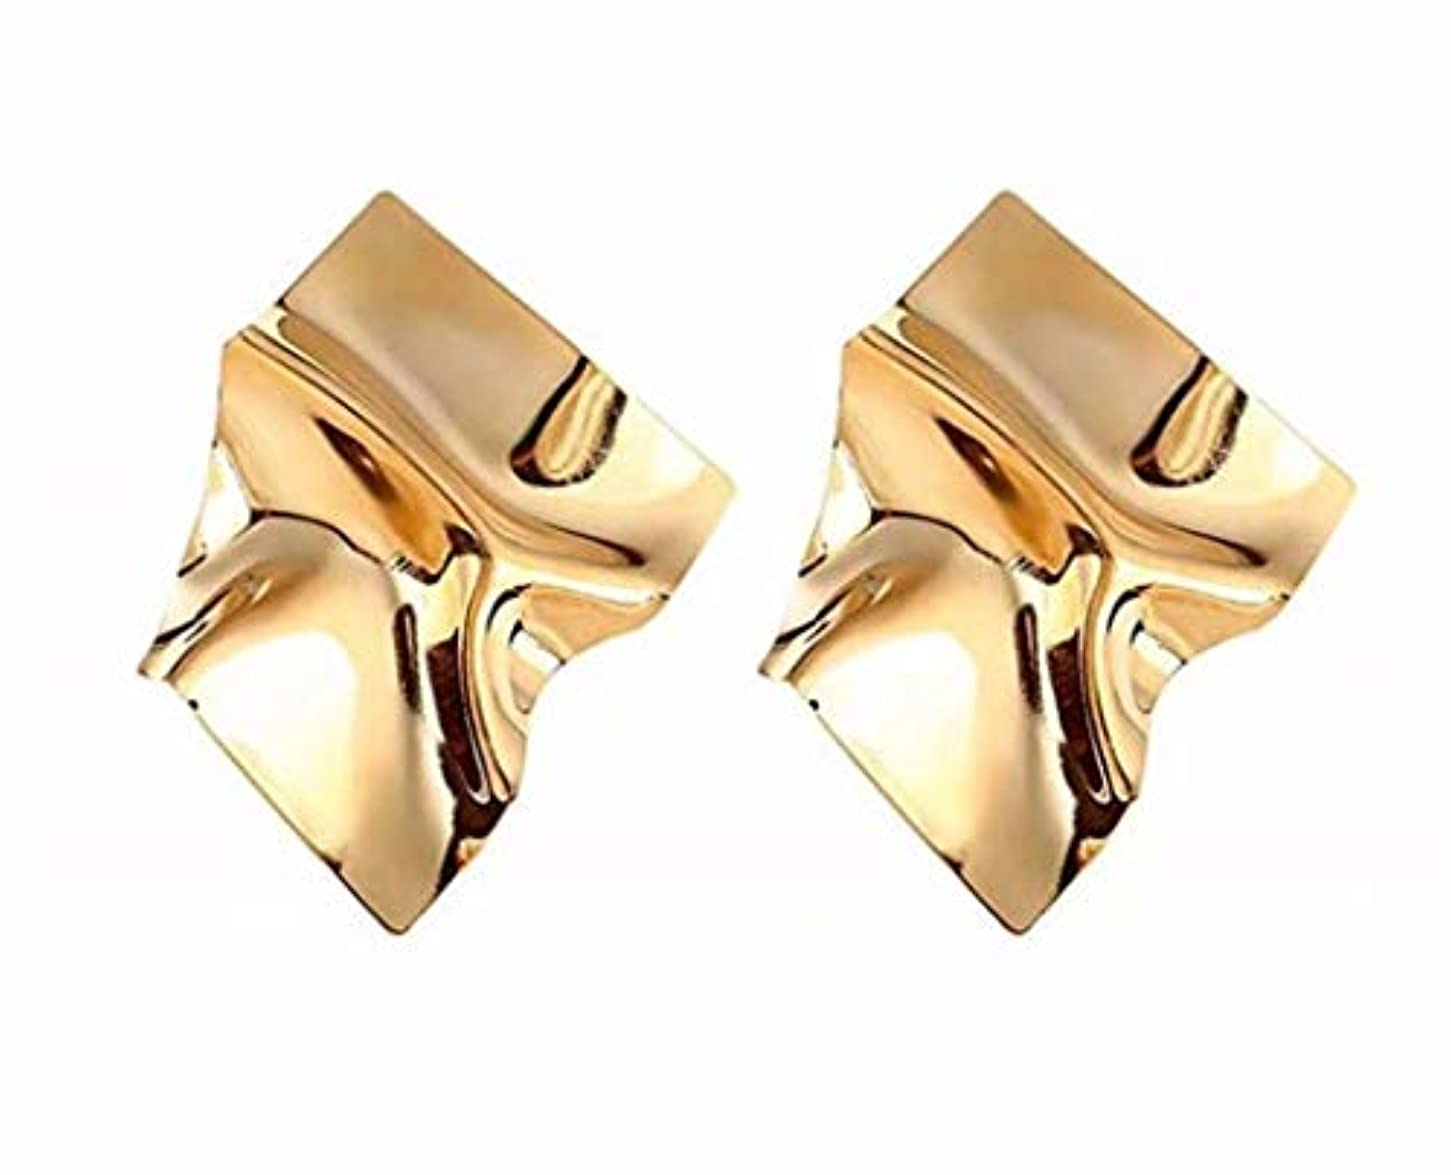 現象記録嫌がる七里の香 幾何学的な不規則なミラードロップイヤリングギフトのための金メッキスタッドイヤリング